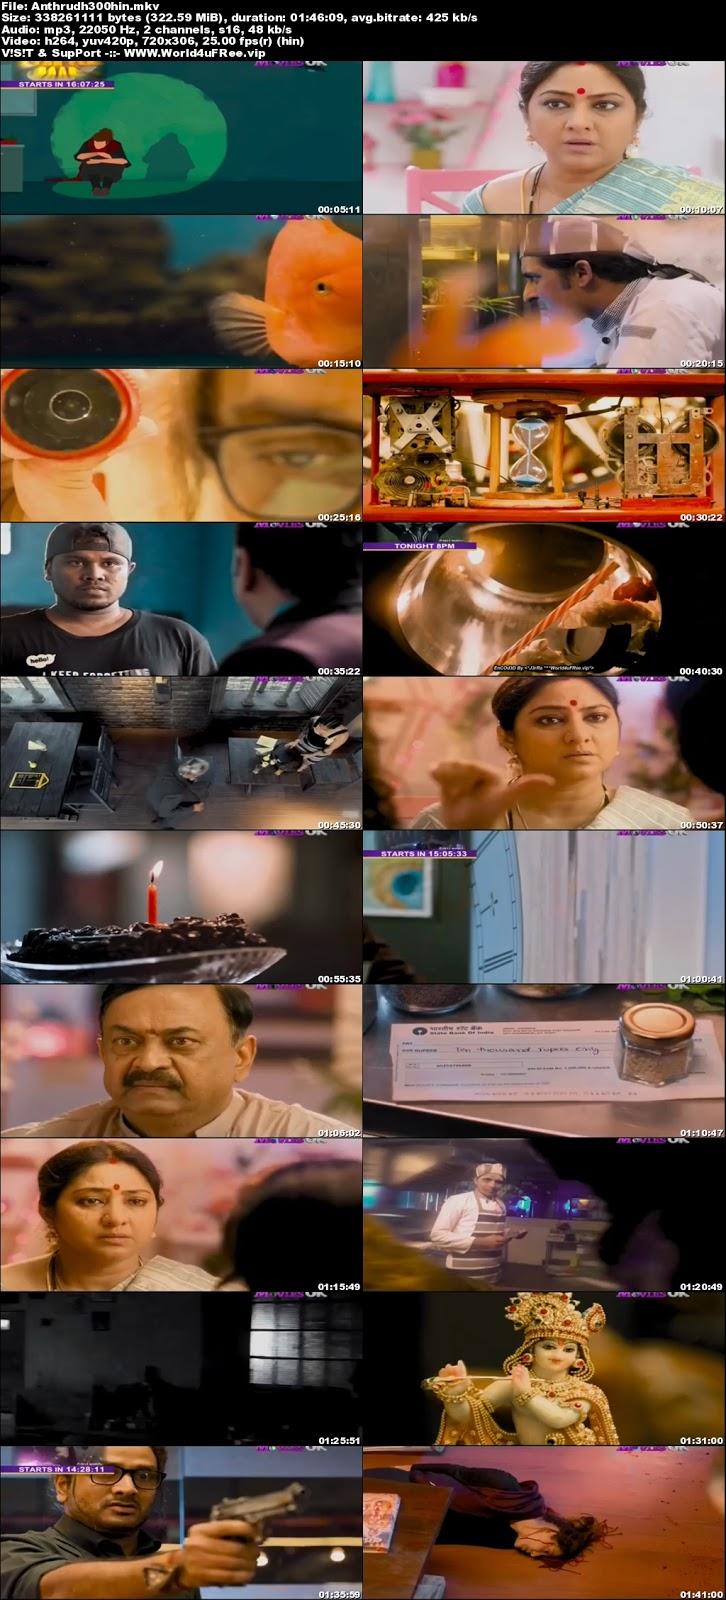 Antharyudh (Awe) 2018 Hindi Dubbed WEBRip 480p 300Mb x264 world4ufree.fun , South indian movie Antharyudh (Awe) 2018 hindi dubbed world4ufree.fun 720p hdrip webrip dvdrip 700mb brrip bluray free download or watch online at world4ufree.fun